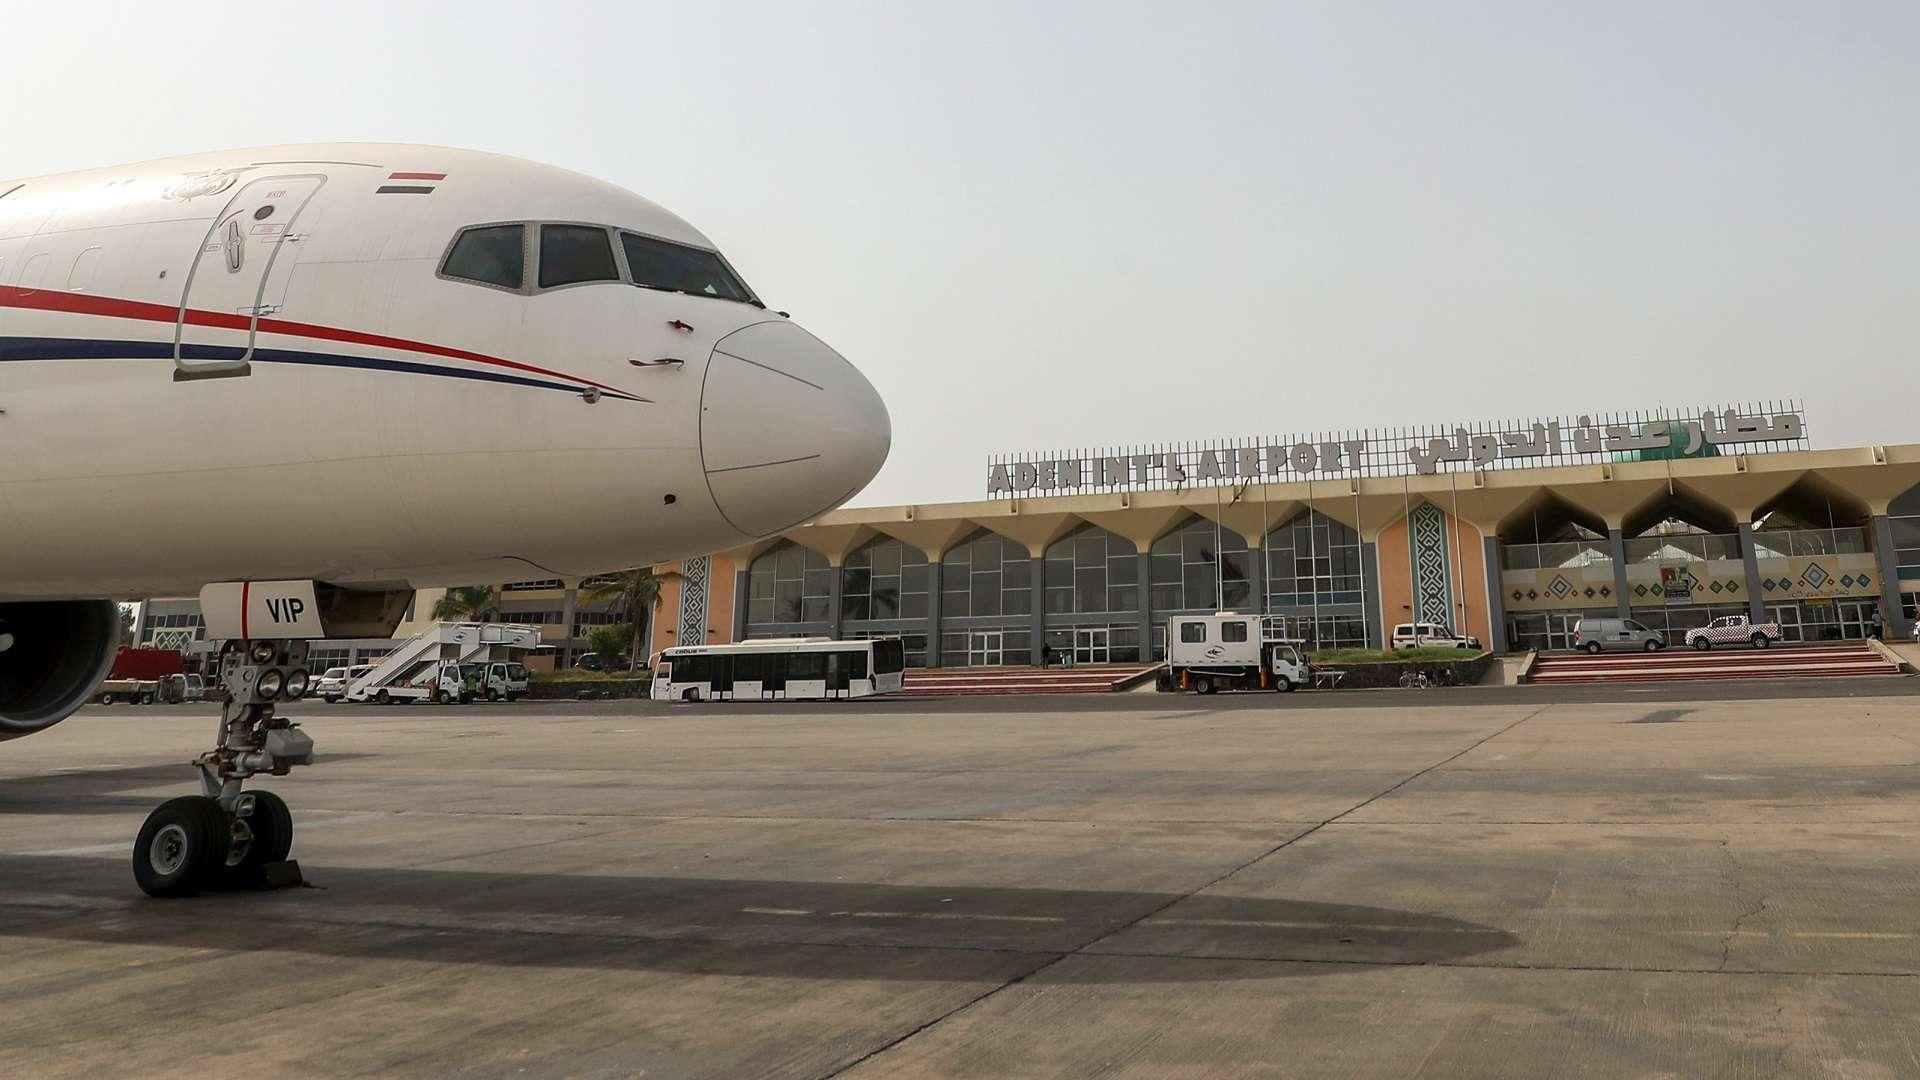 مطالبات بالأفراج عن 4 طلاب قادمين من ماليزيا تم اعتقالهم في مطار عدن